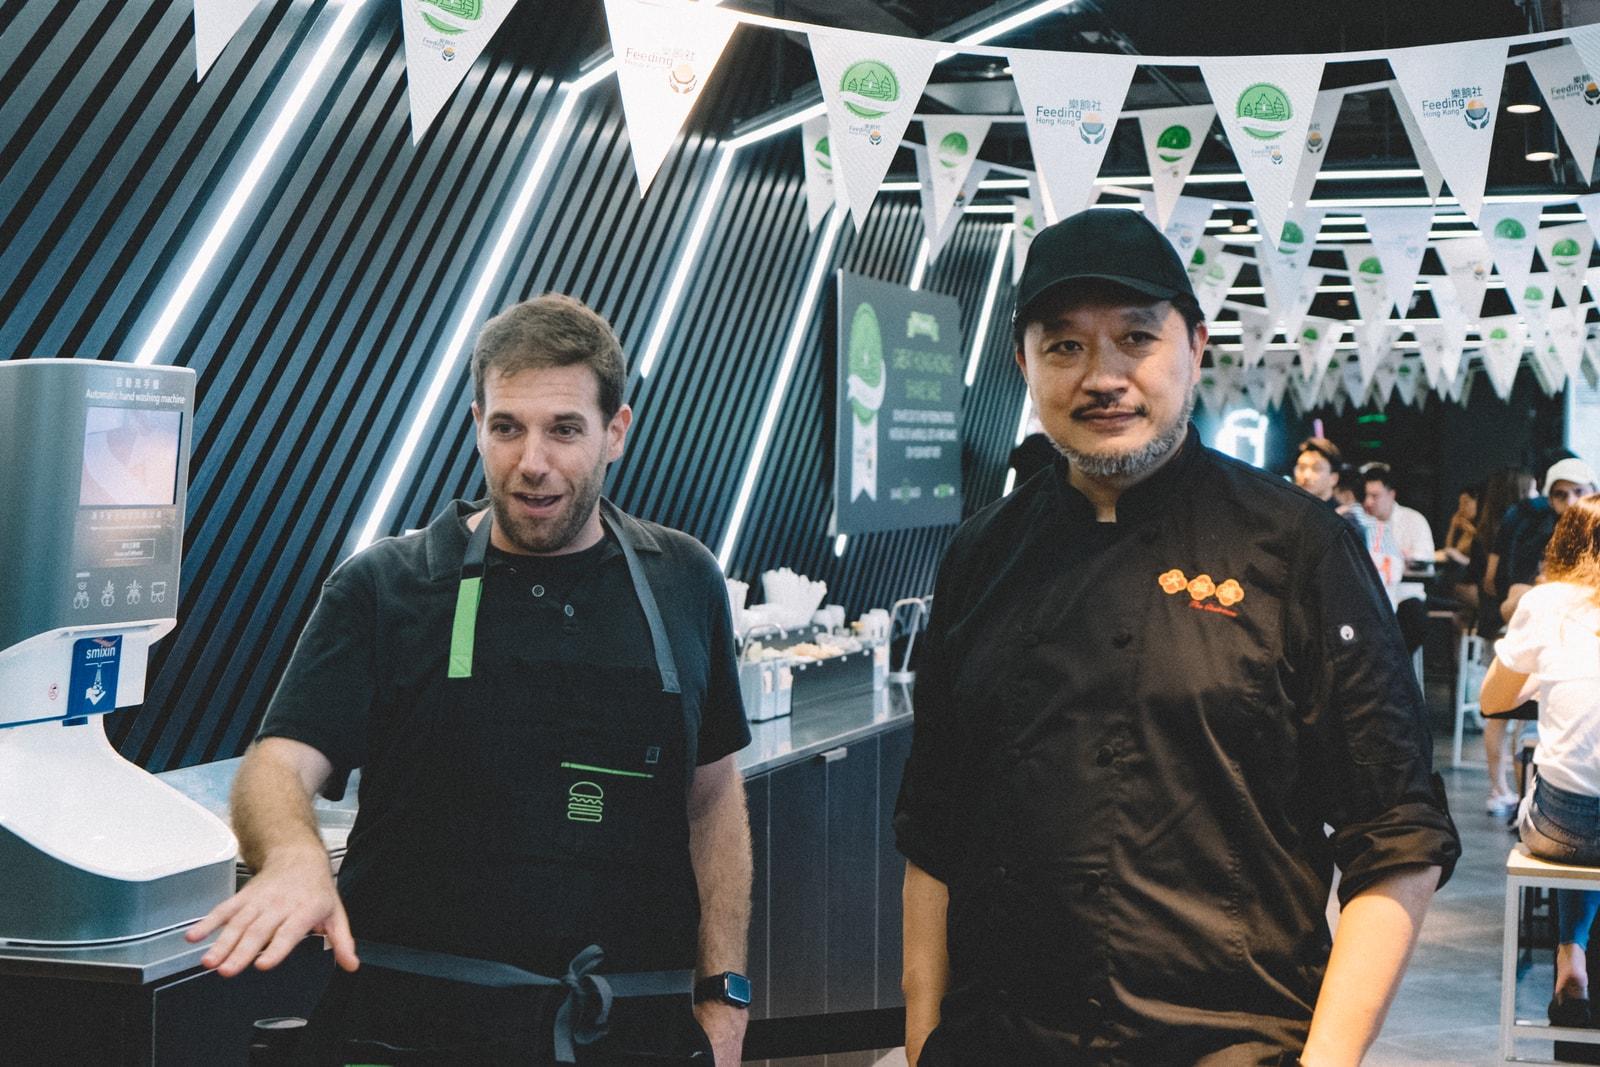 中西合壁之作-Shake Shack 首度攜手全球 50 最佳餐廳「大班樓」